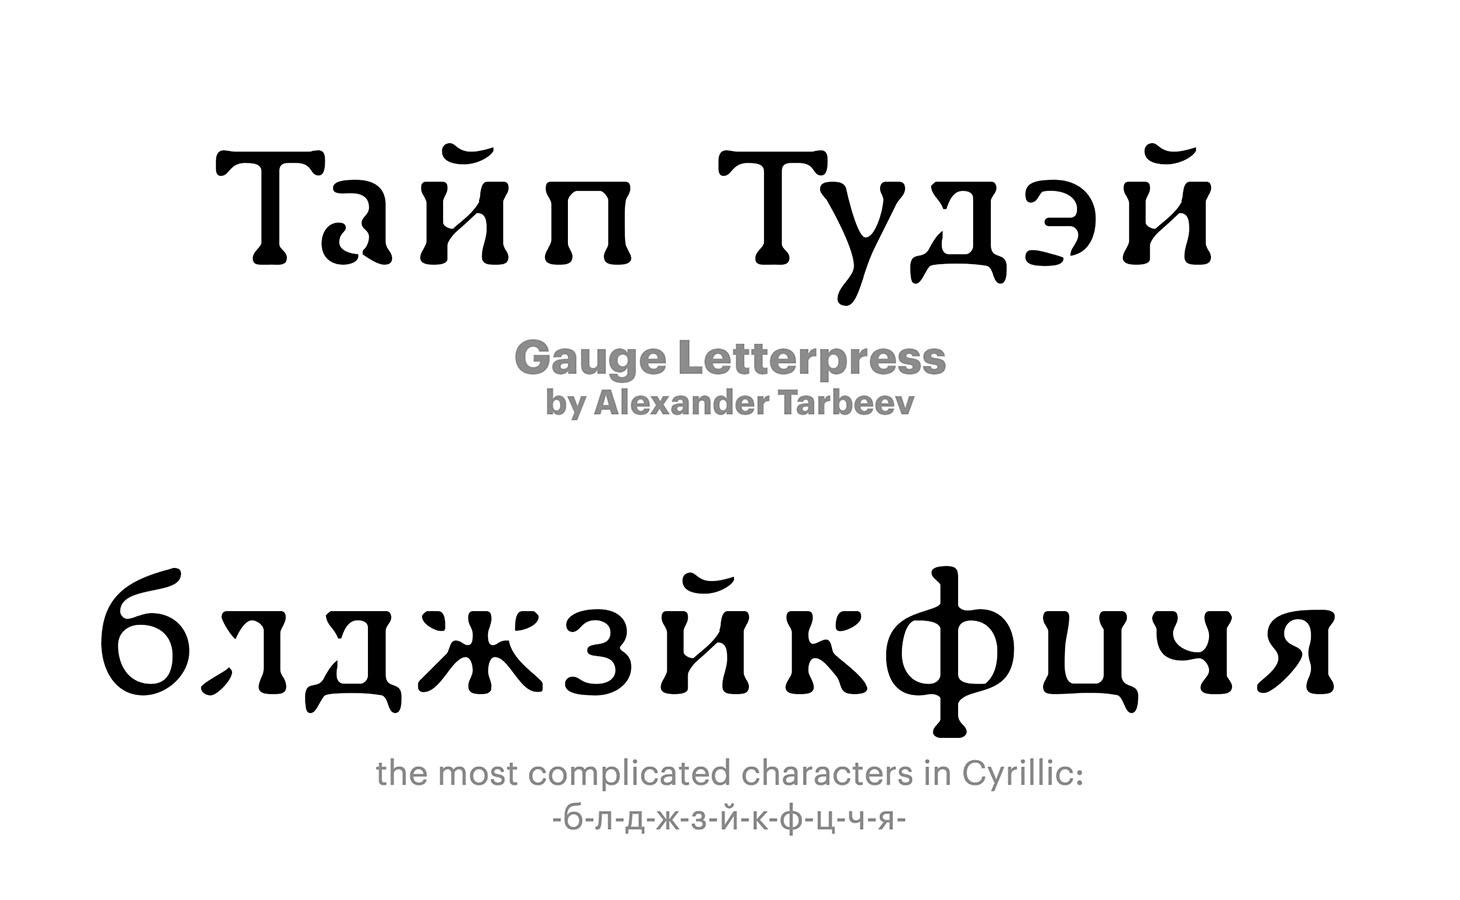 Gauge-Letterpress